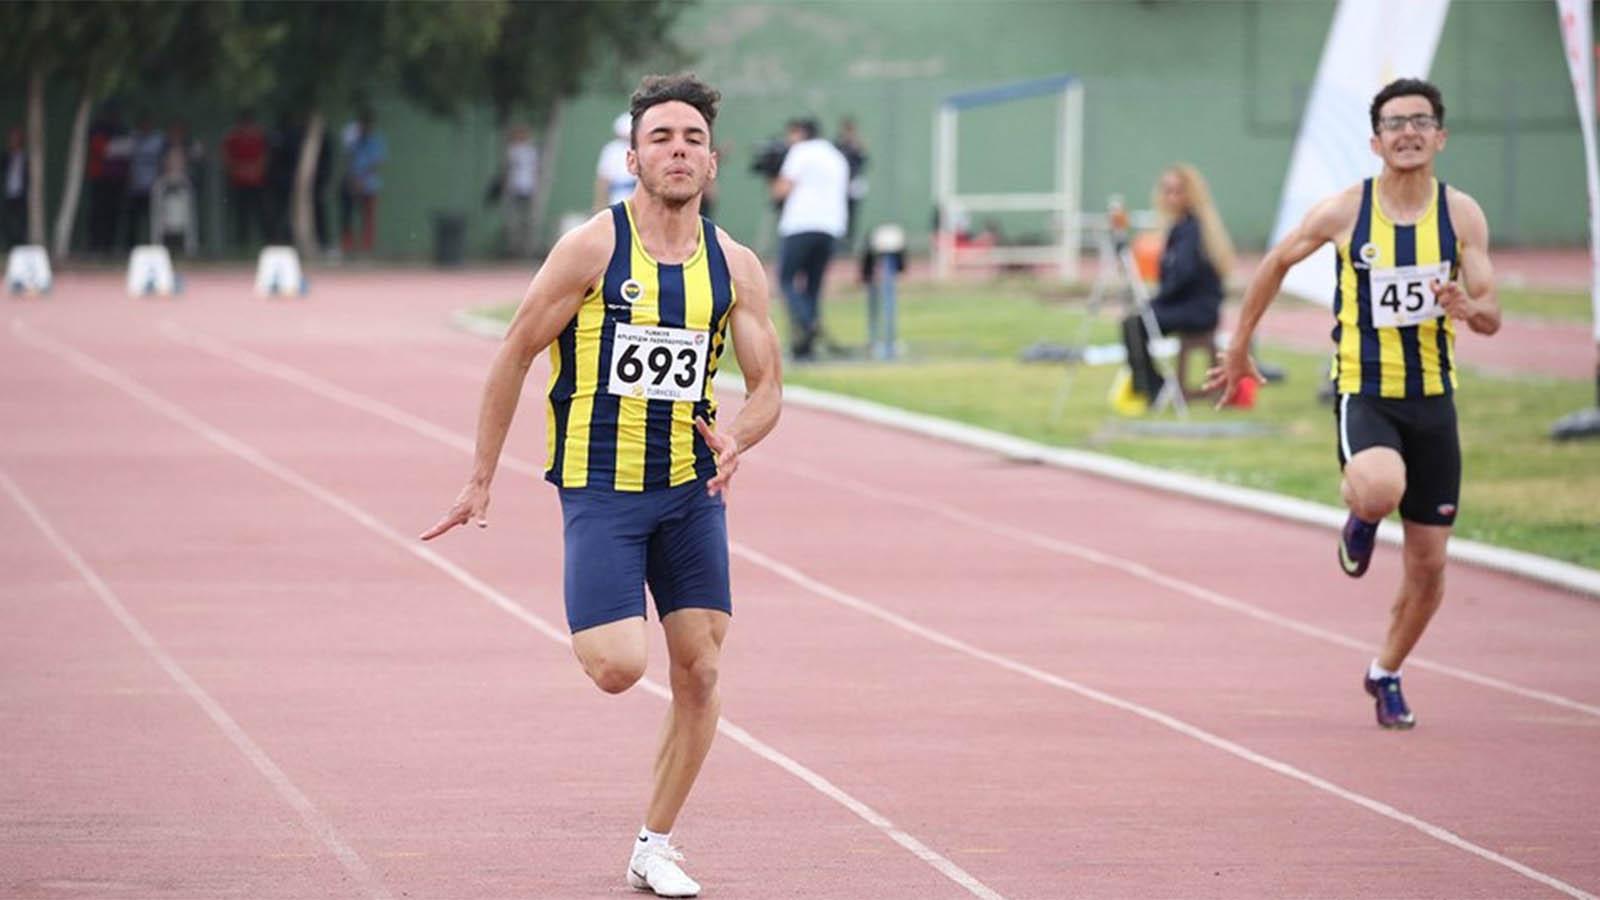 Fenerbahçeli atlet Umut Uysal 100 metrede Türkiye rekoru kırdı